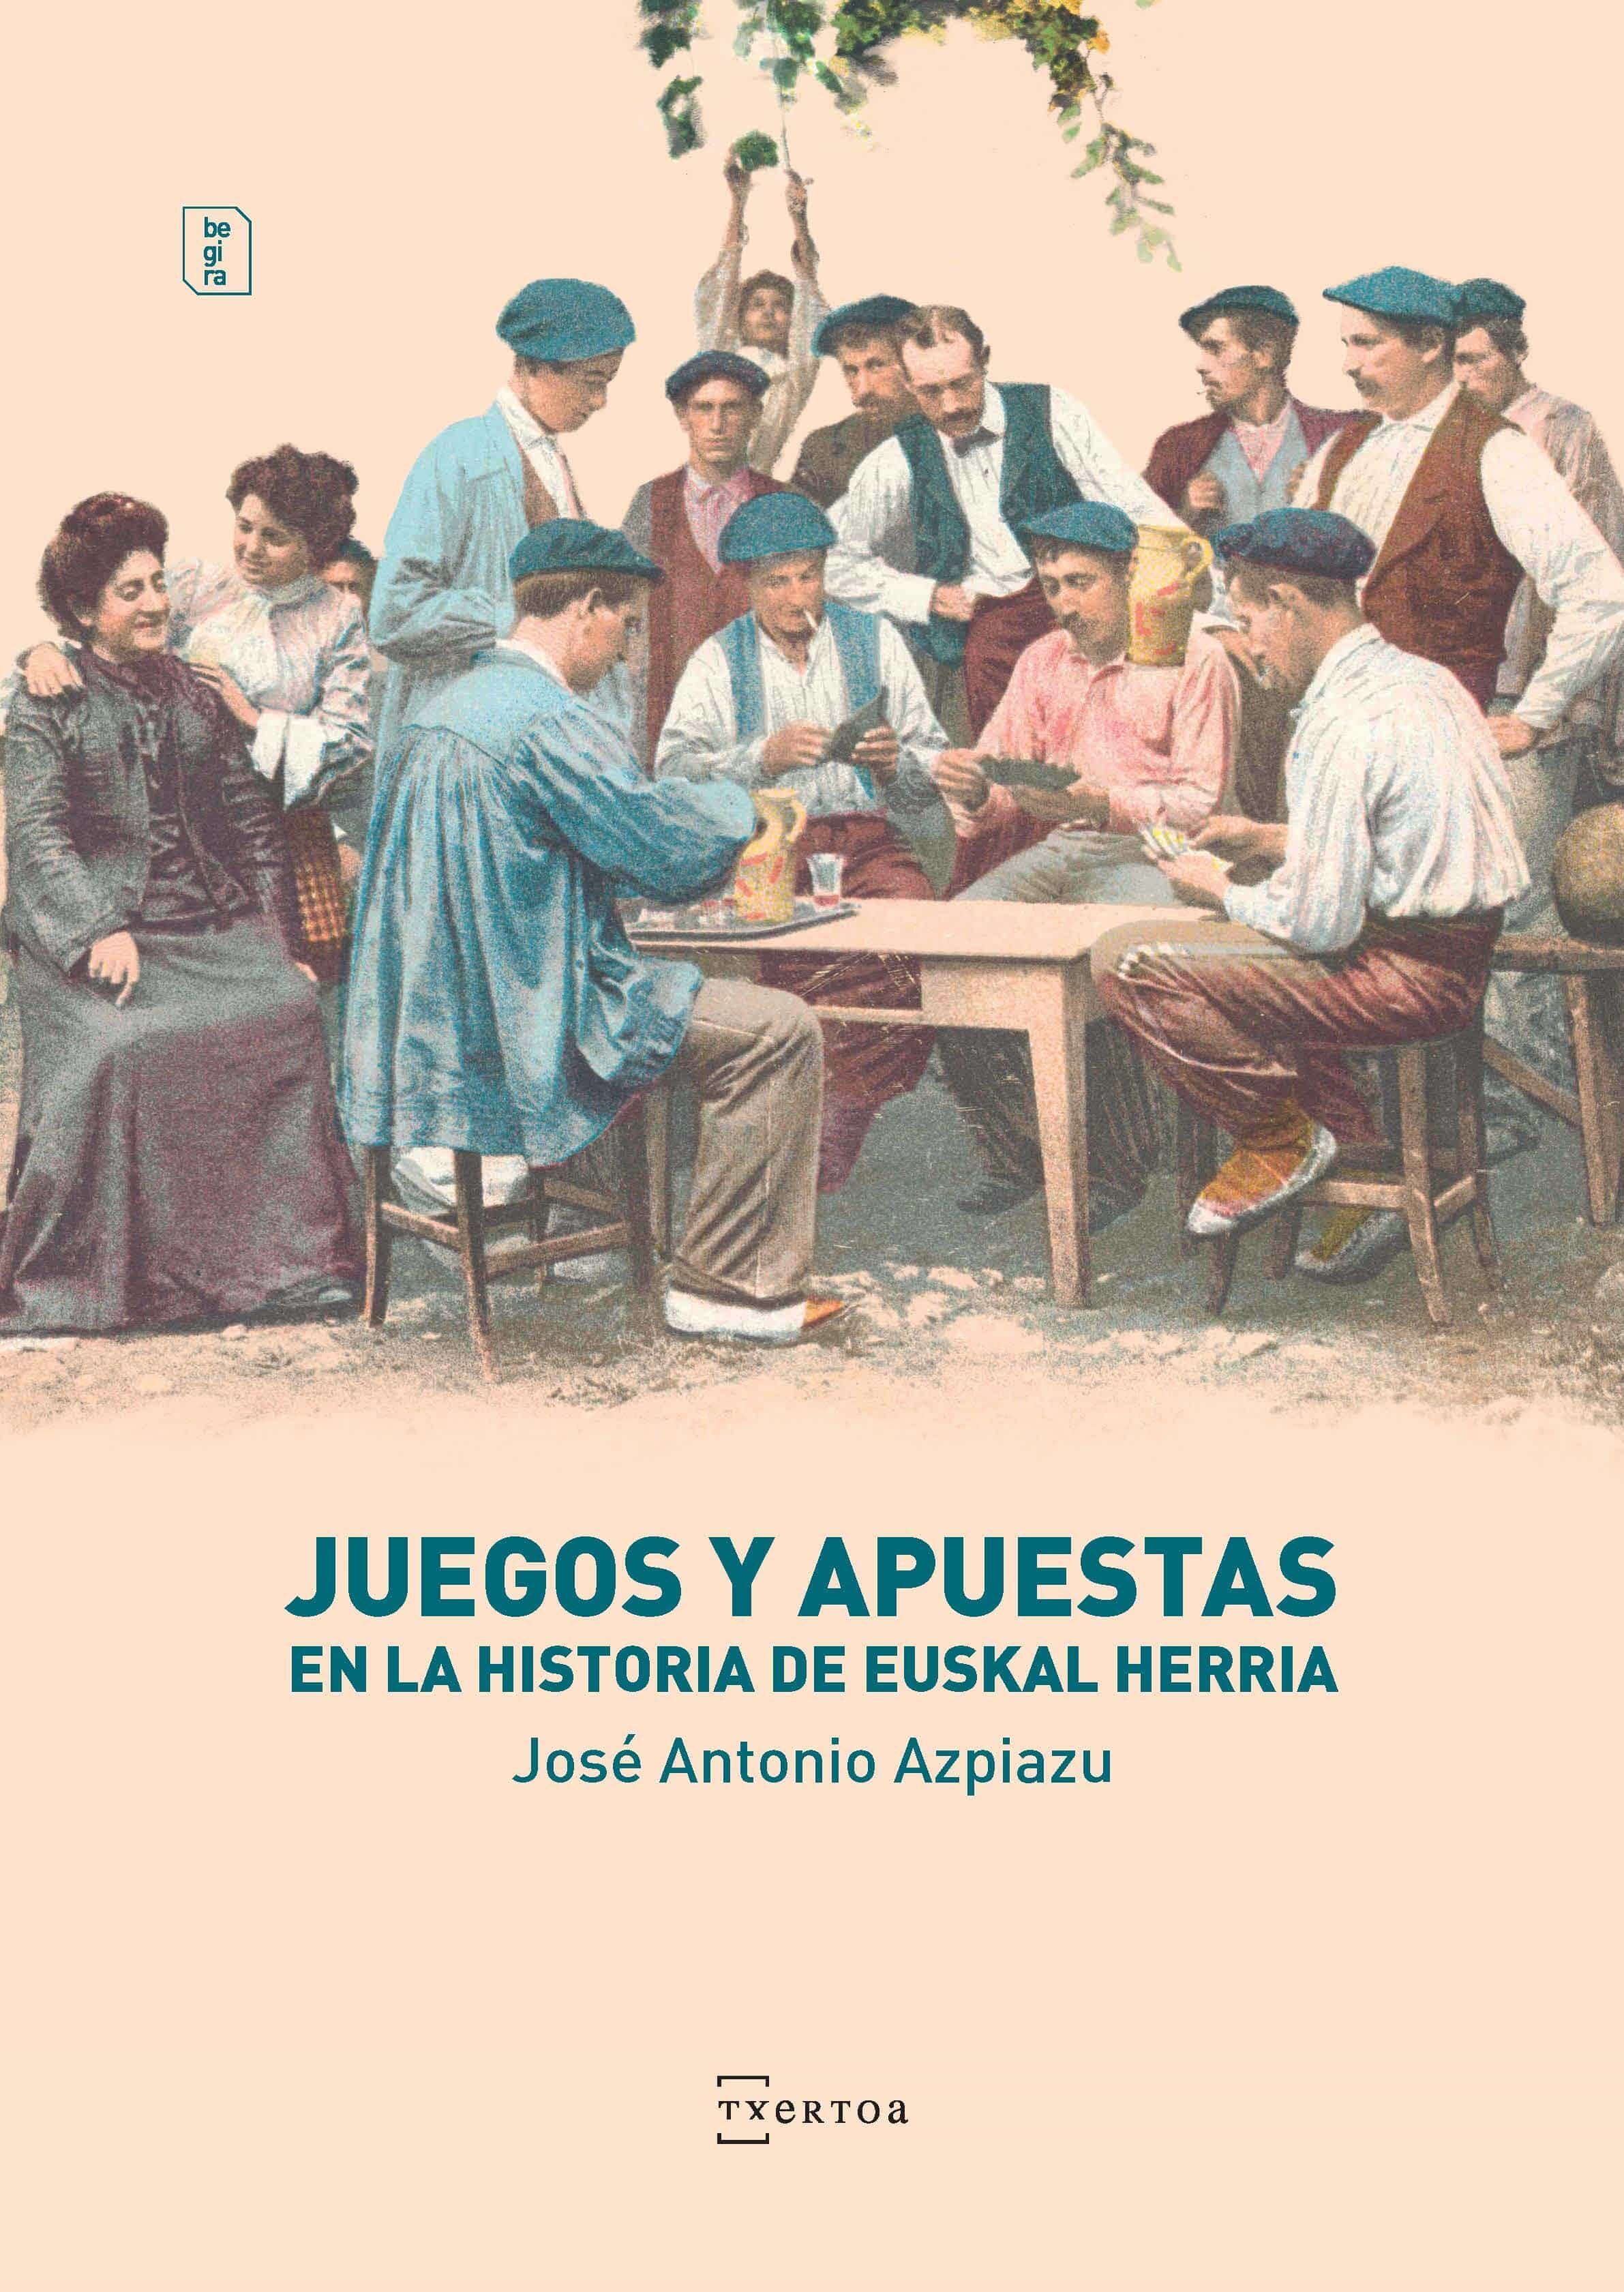 Juegos Y Apuestas En La Historia De Euskal Herria por Jose Antonio Azpiazu Elorza